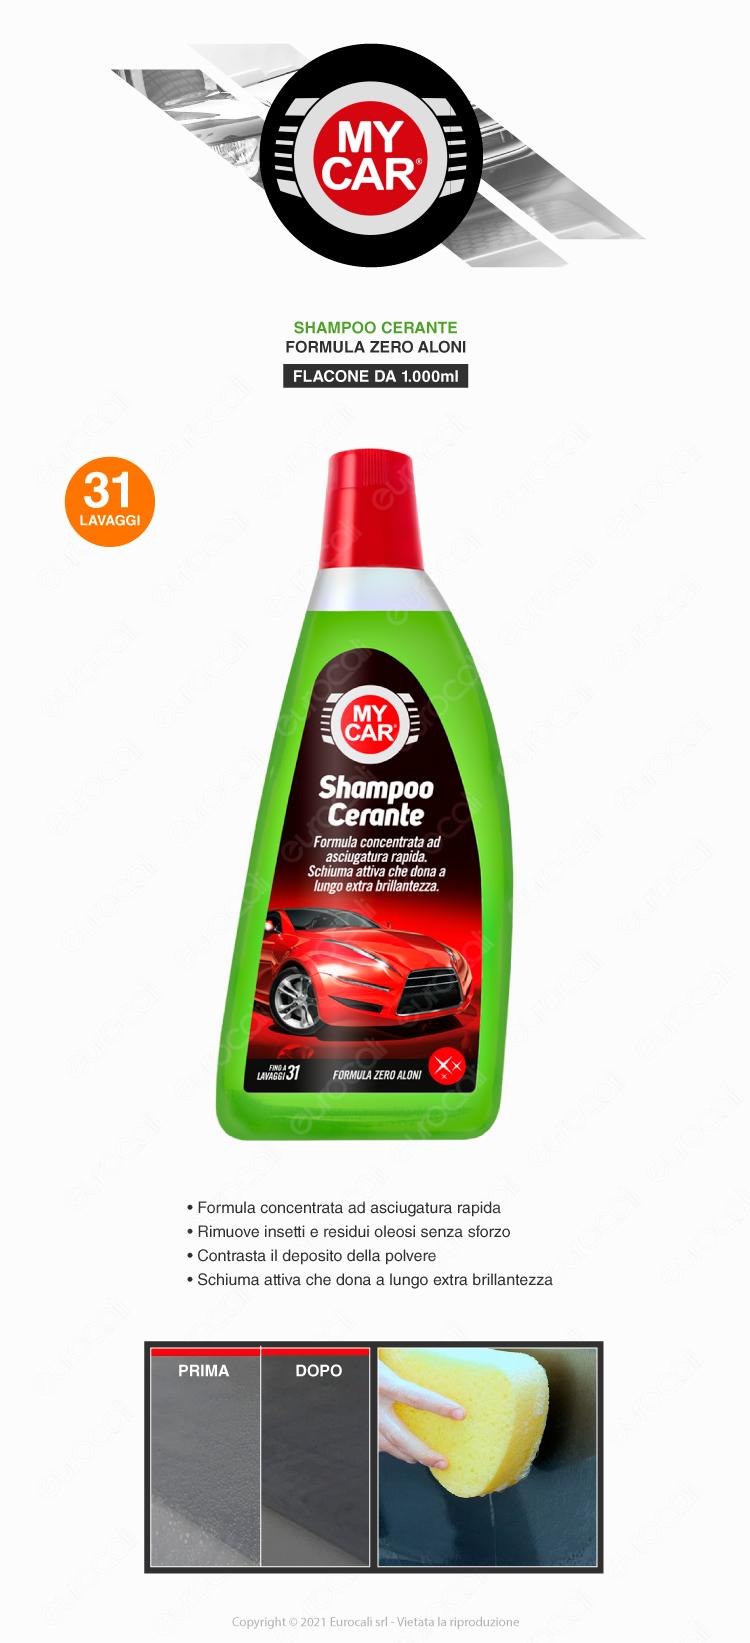 my car shampoo cerante